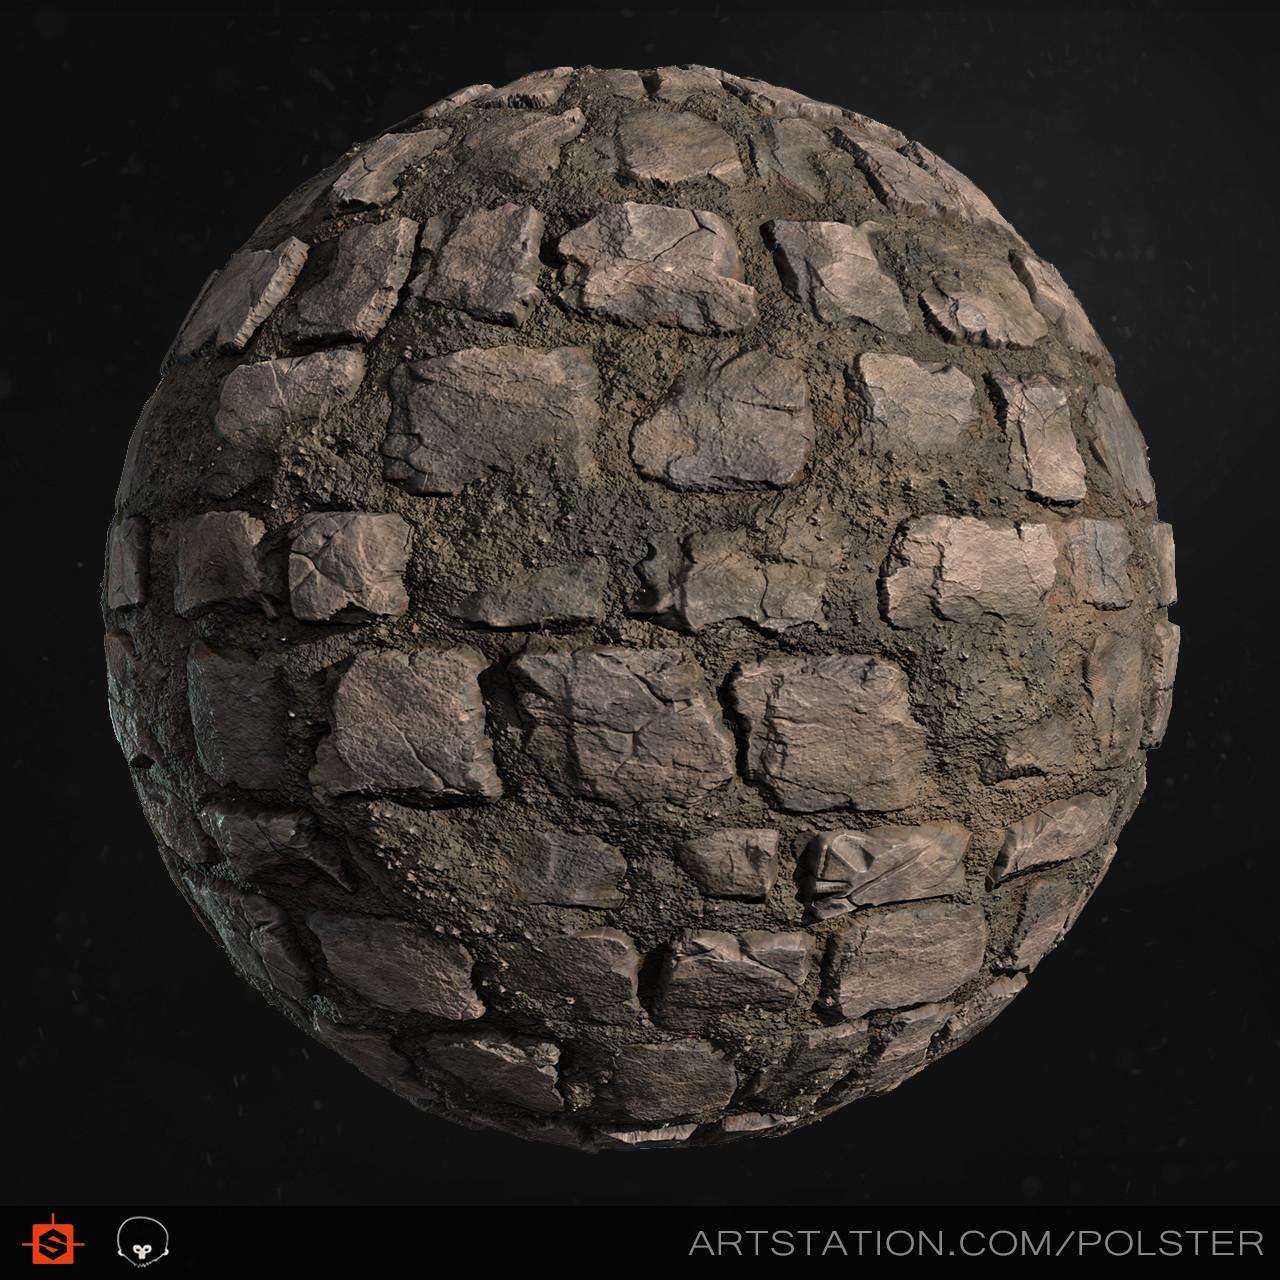 Stefan polster rough cobblestone sphere c